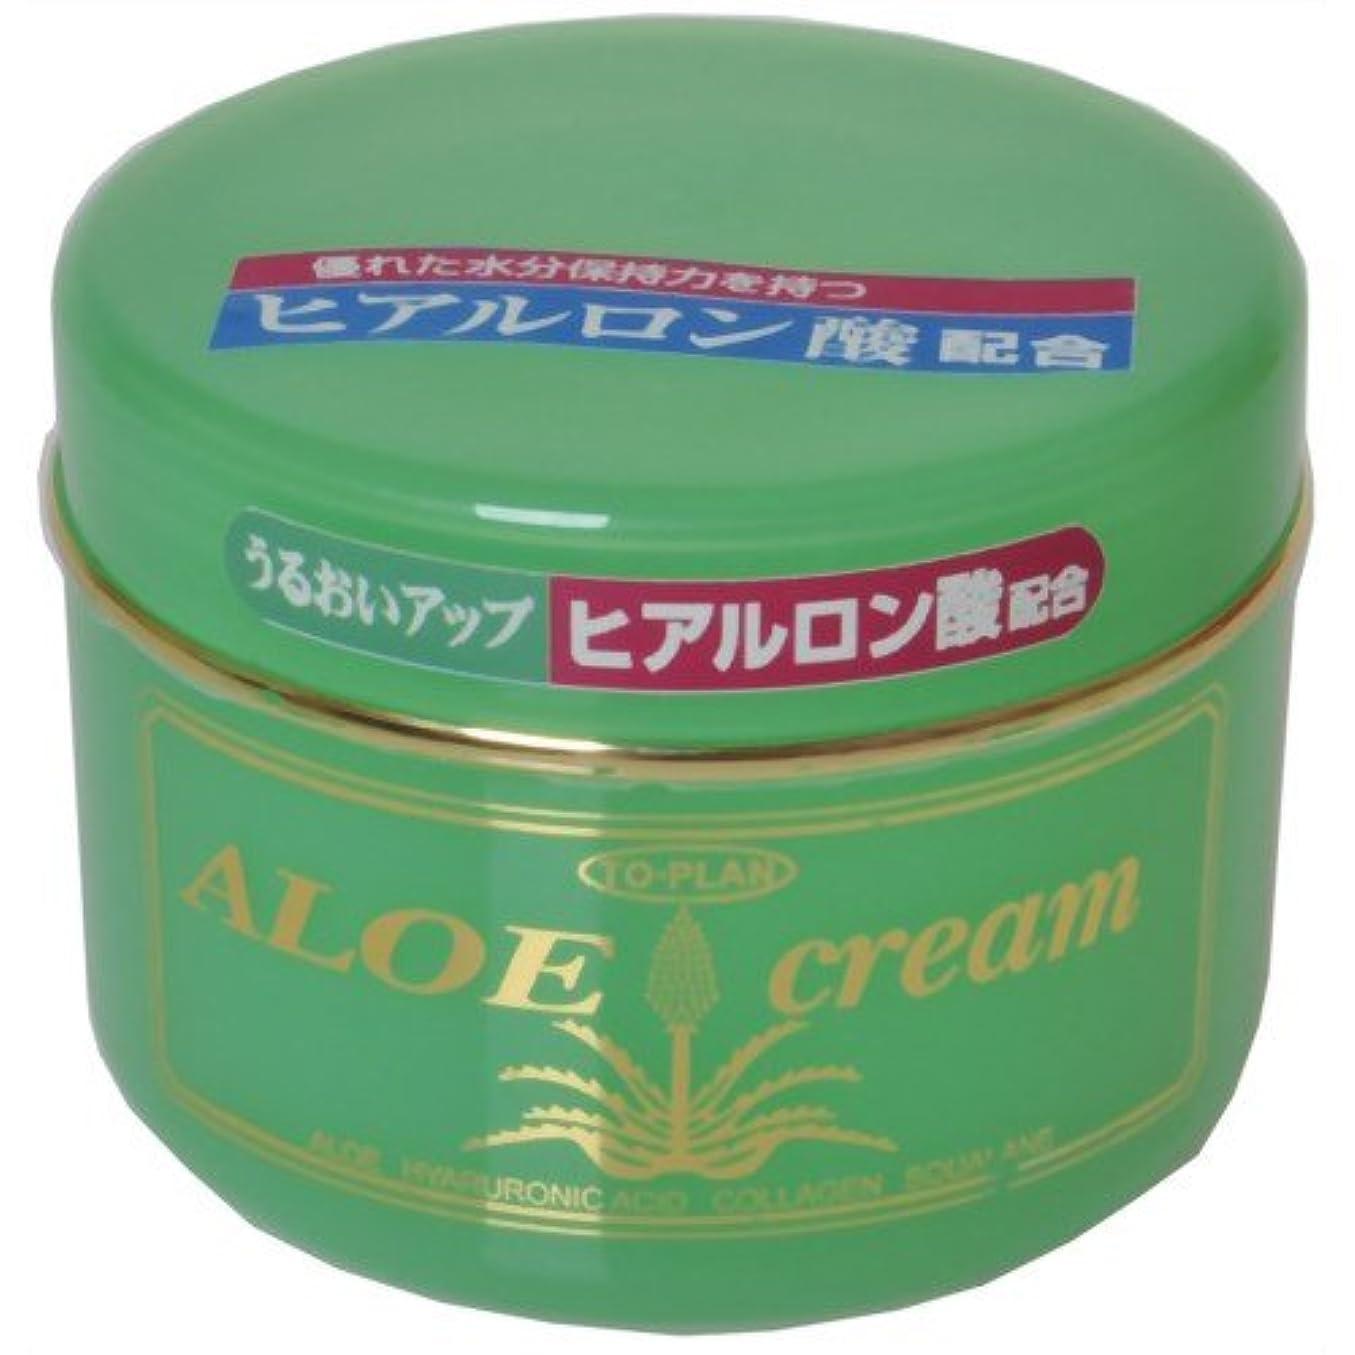 寄生虫無実ところでTO-PLAN(トプラン) ヒアルロン酸?アロエエキス?スクワラン配合アロエクリーム170g